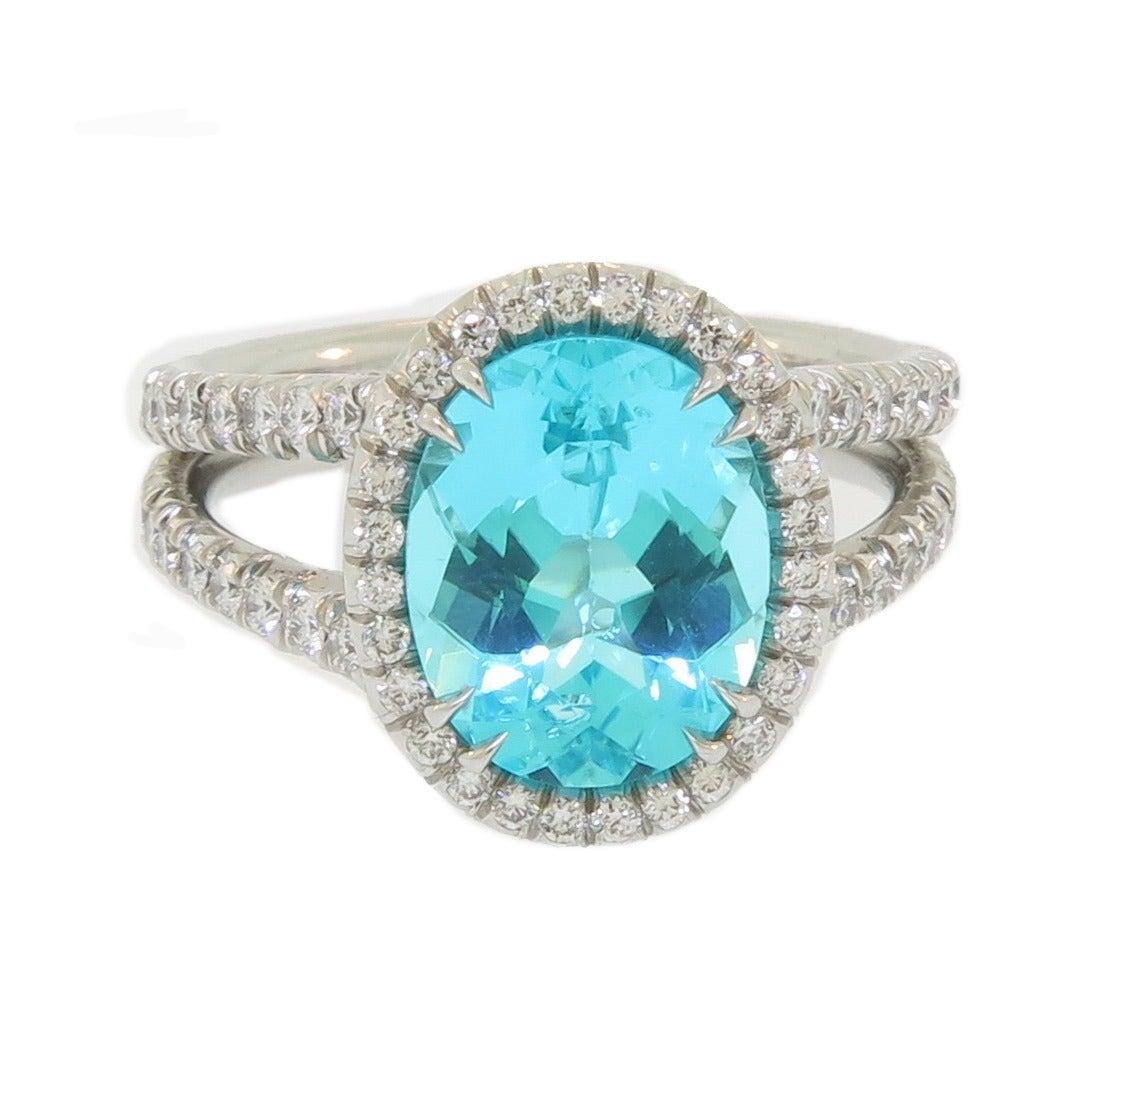 Paraiba Tourmaline Ring With Handmade Diamond Platinum Setting 2